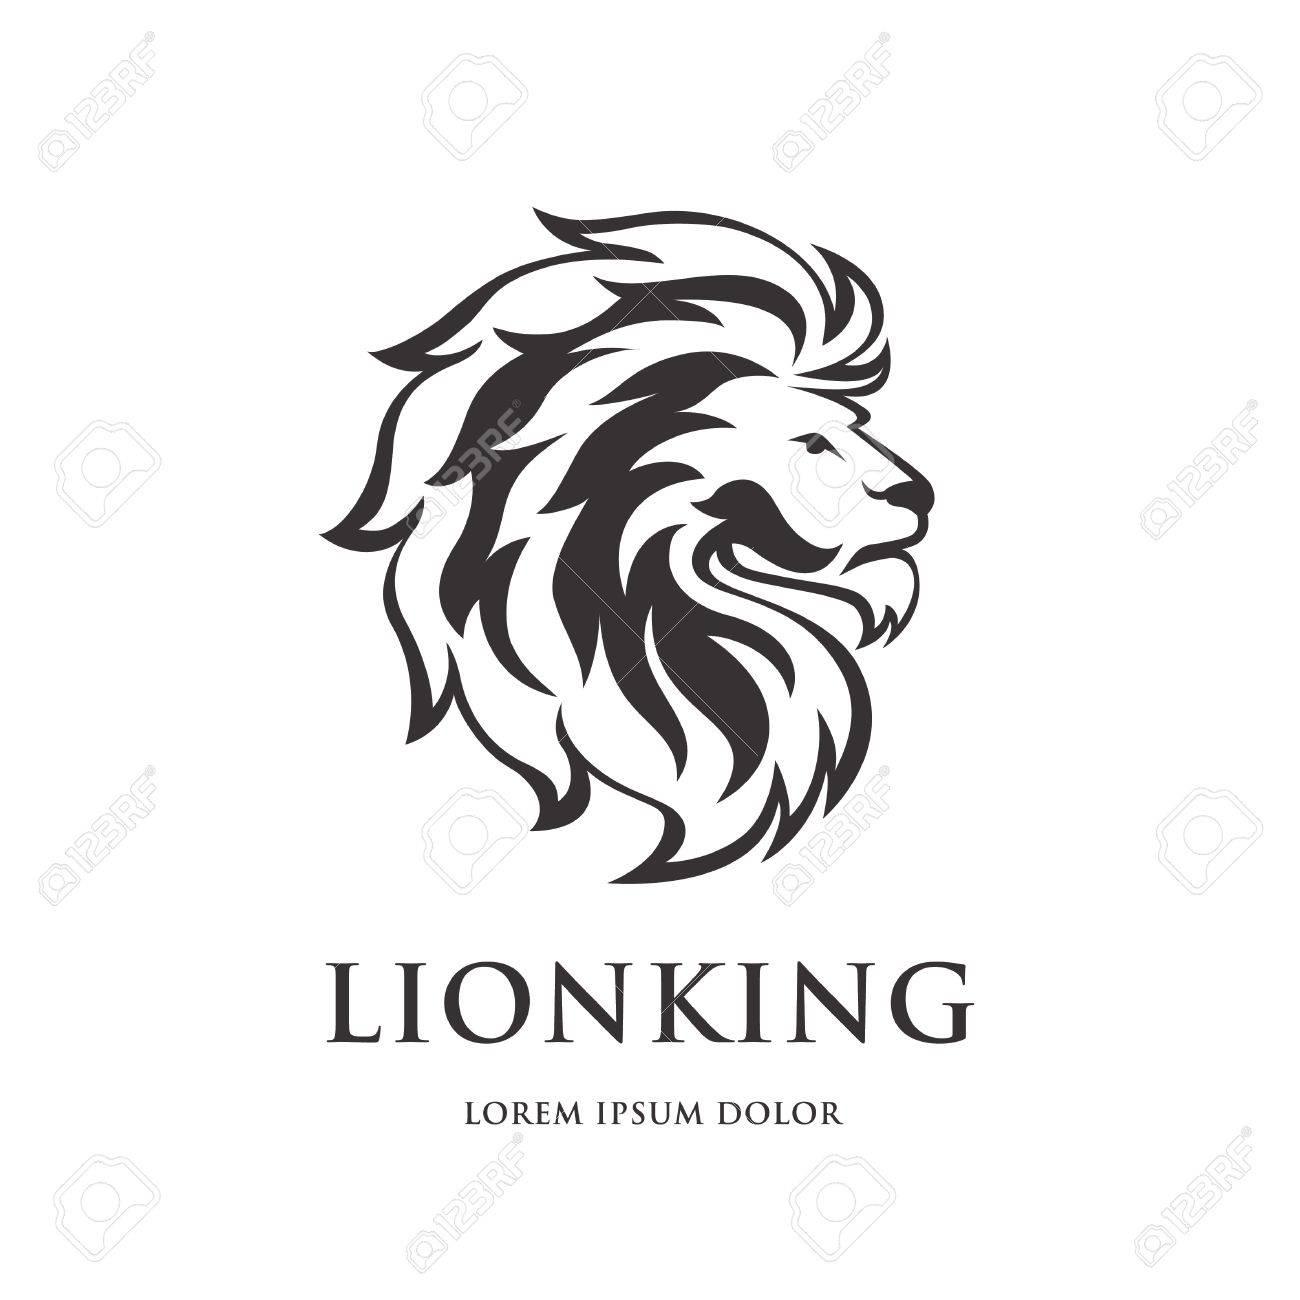 lion logo design stock vector 77235244